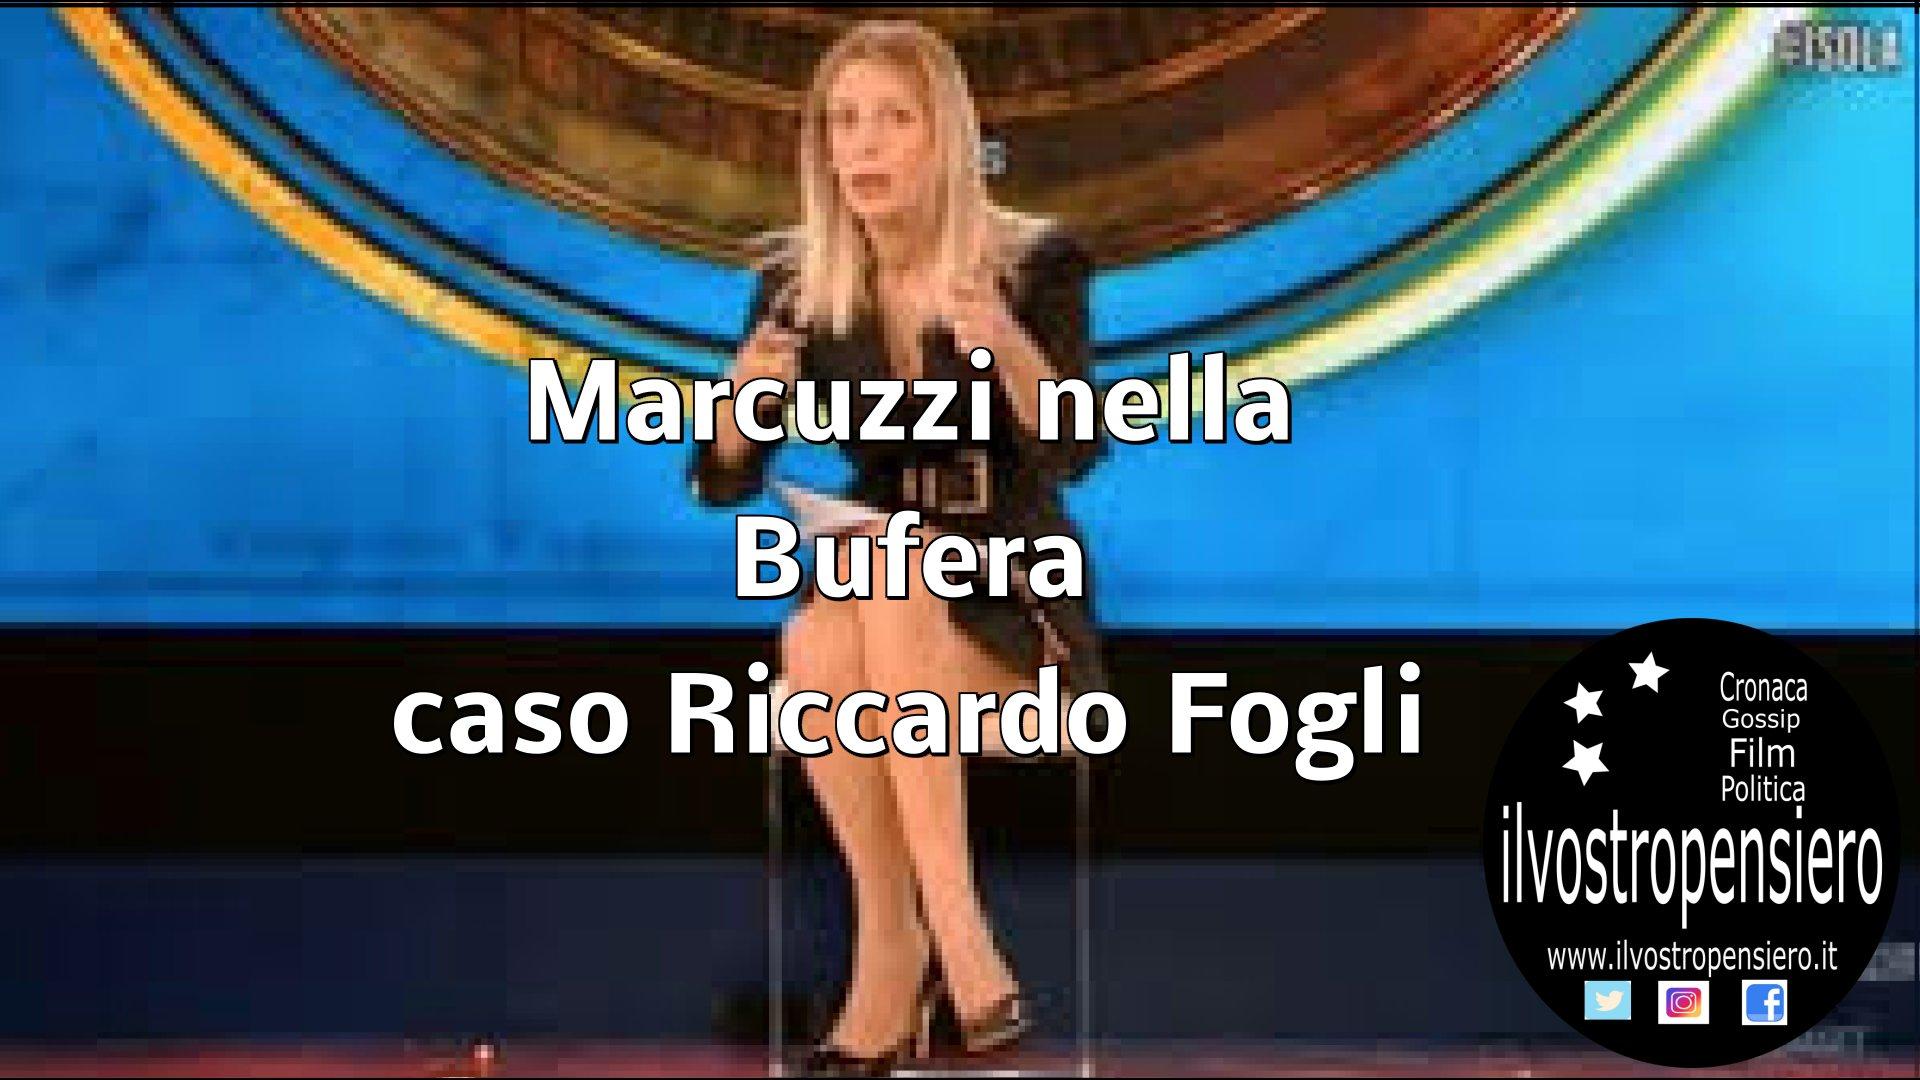 isola dei famosi 2019: Alessia Marcuzzi nella bufera per il caso Riccardo Fogli